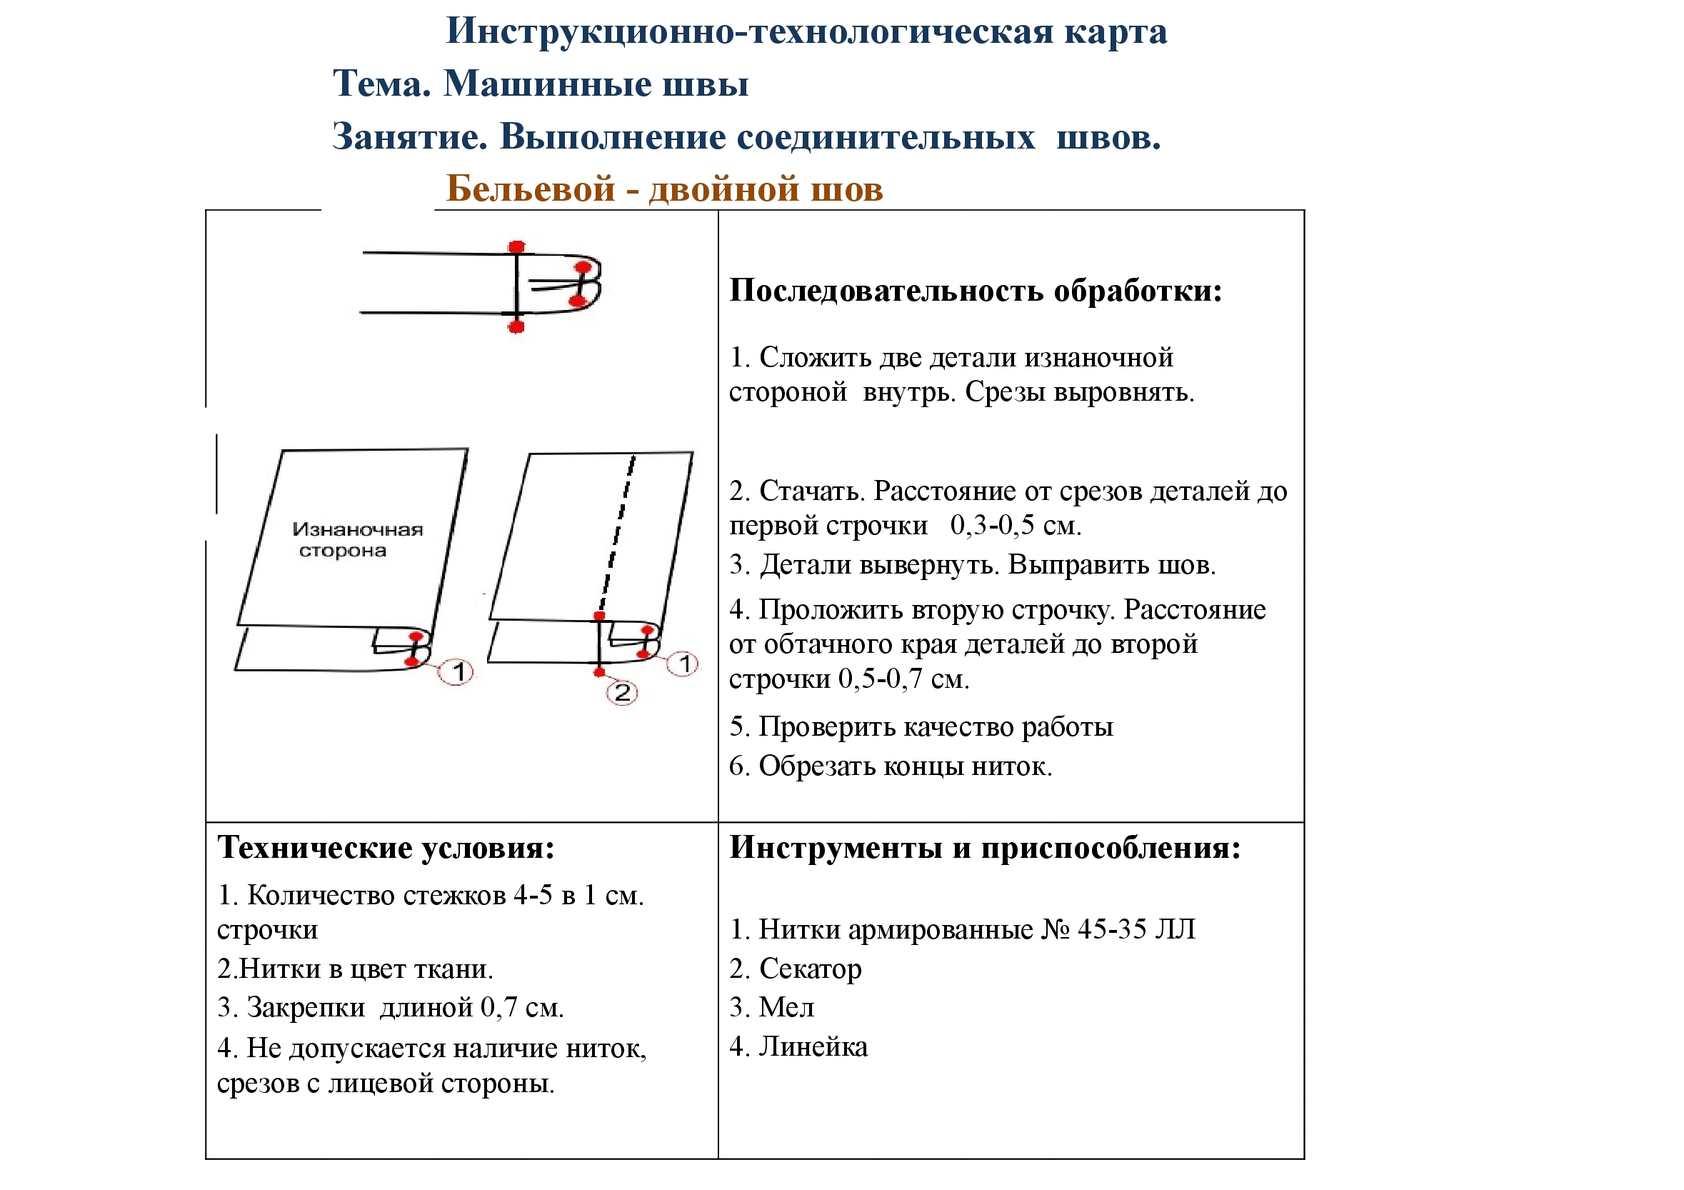 инструкционно-технологические карты по информатике